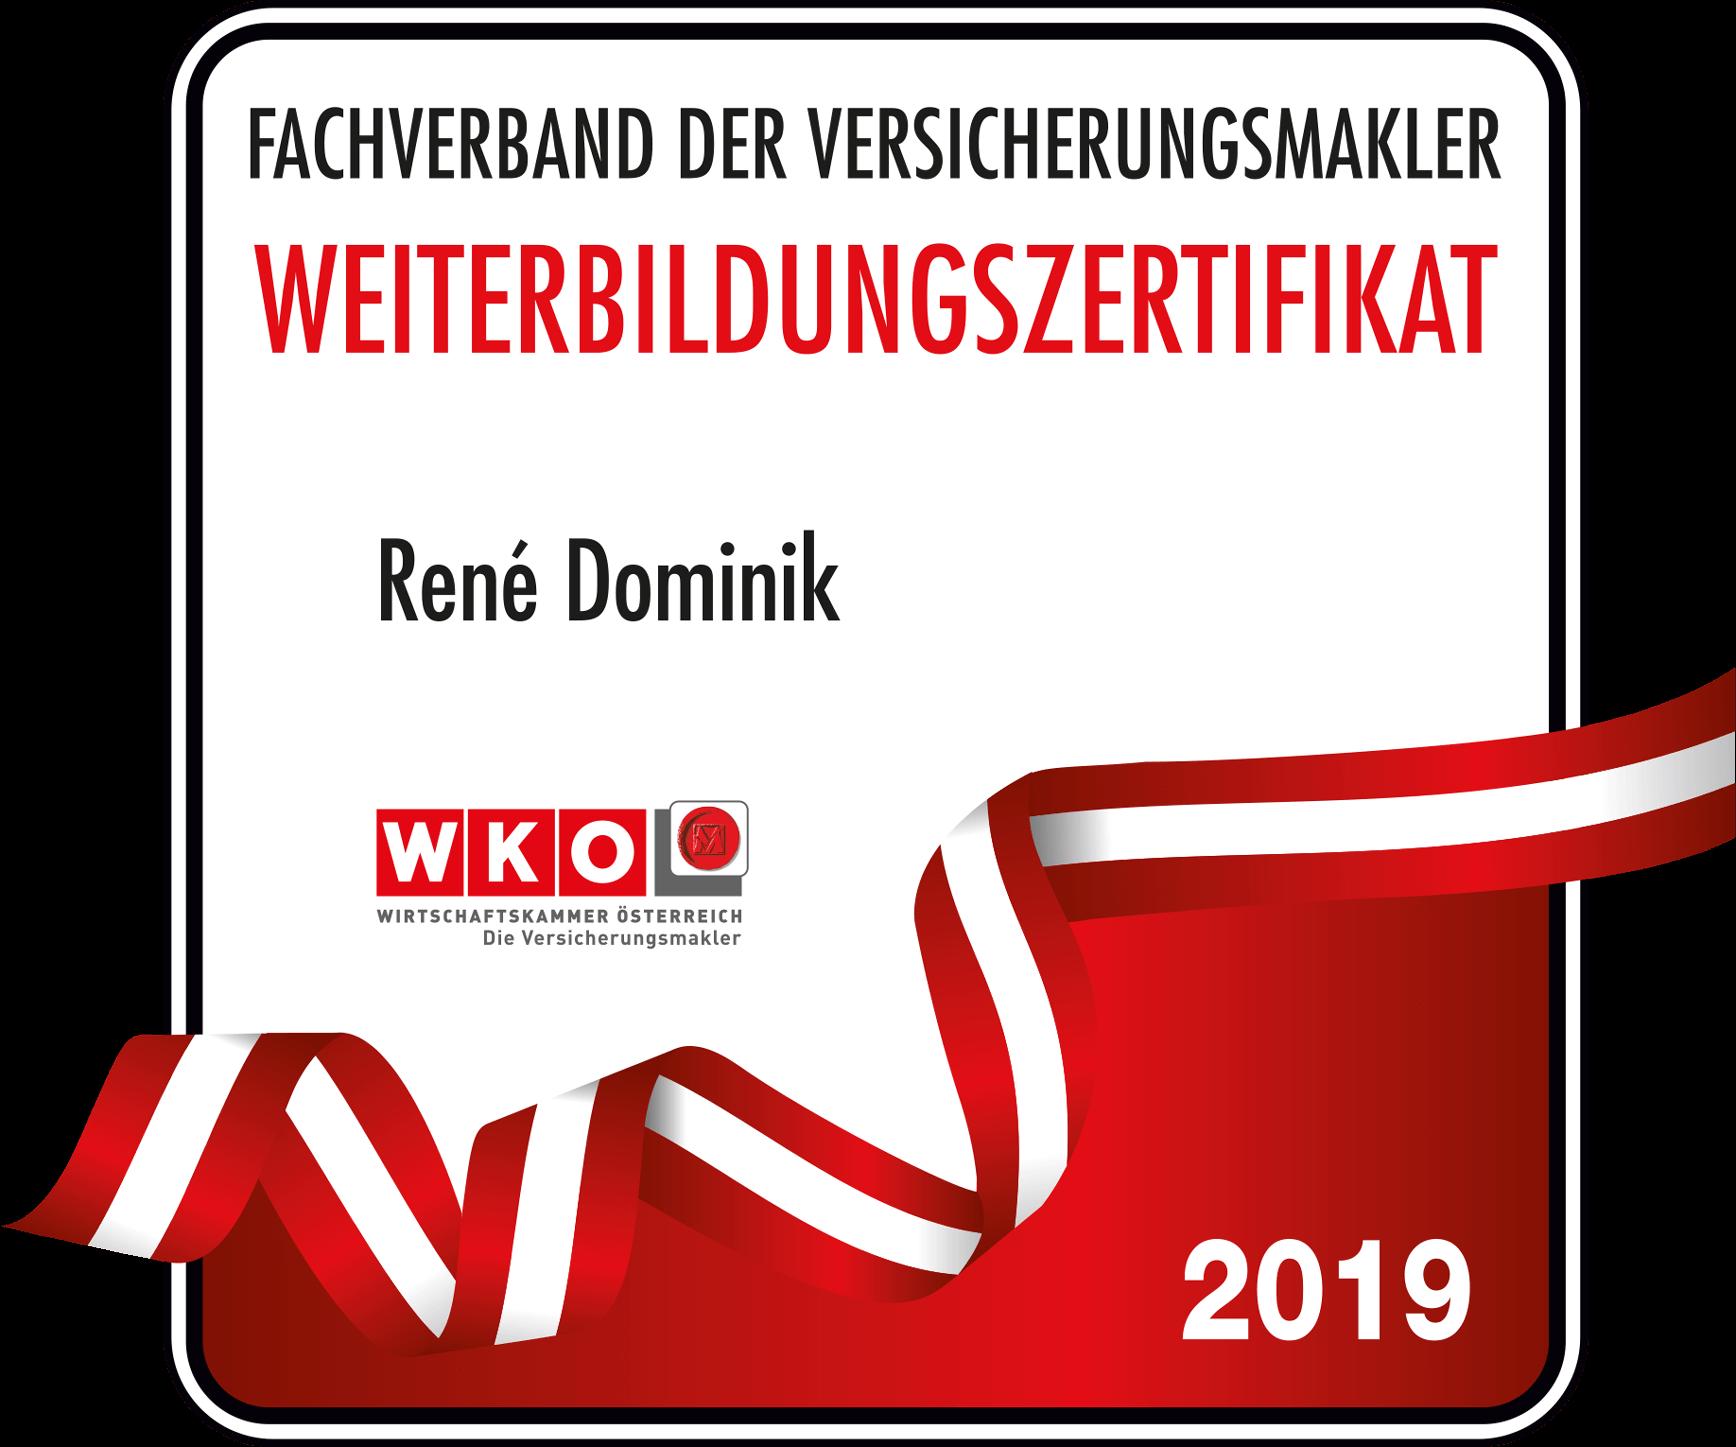 Weiterbildungszertifikat_Rene_Dominik_2019